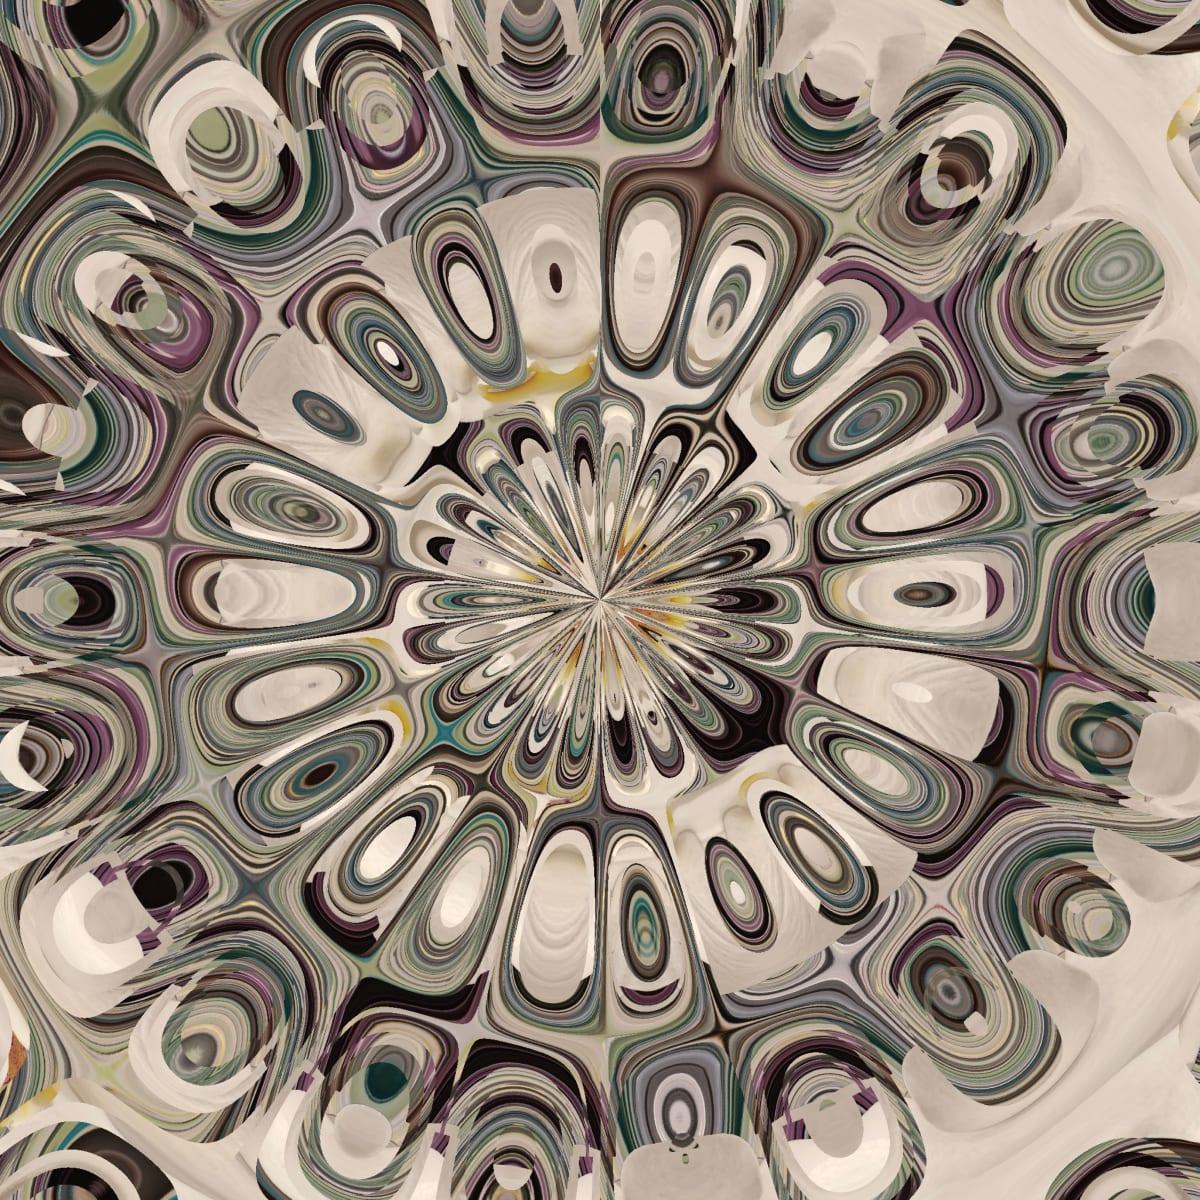 Kaleidoscope 7 by Y. Hope Osborn